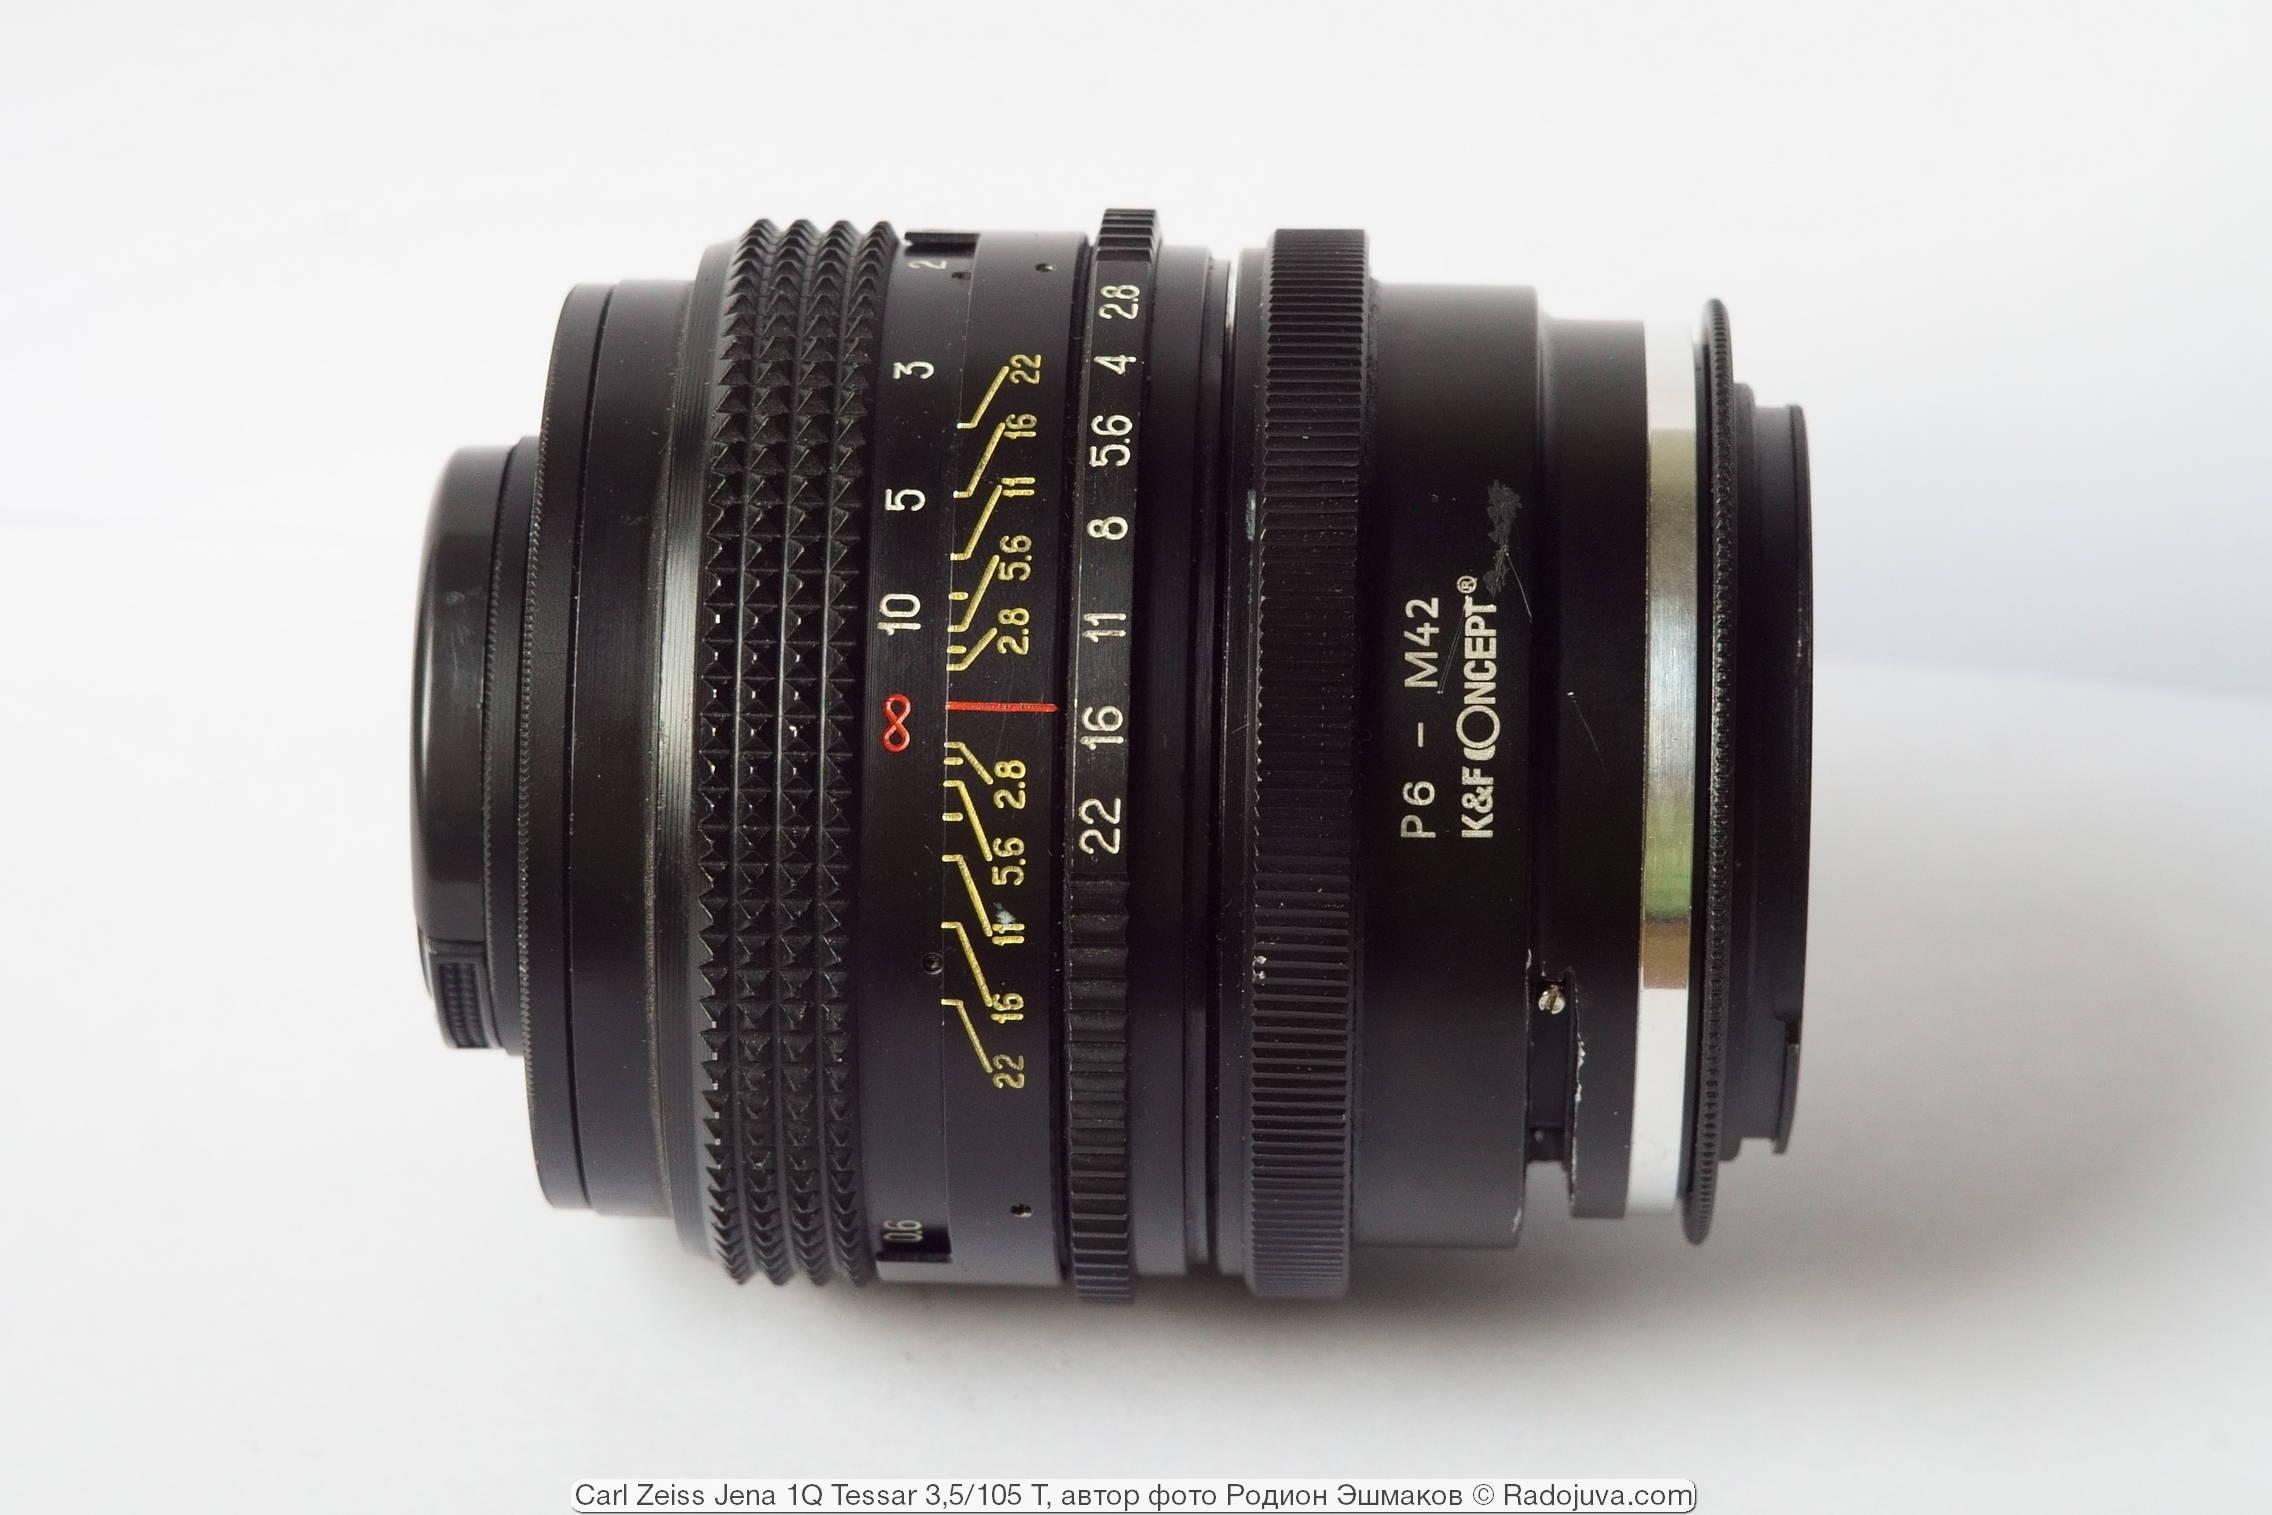 Вид объектива с адаптерами P6-M42 + M42/EOS при фокусировке на бесконечность.